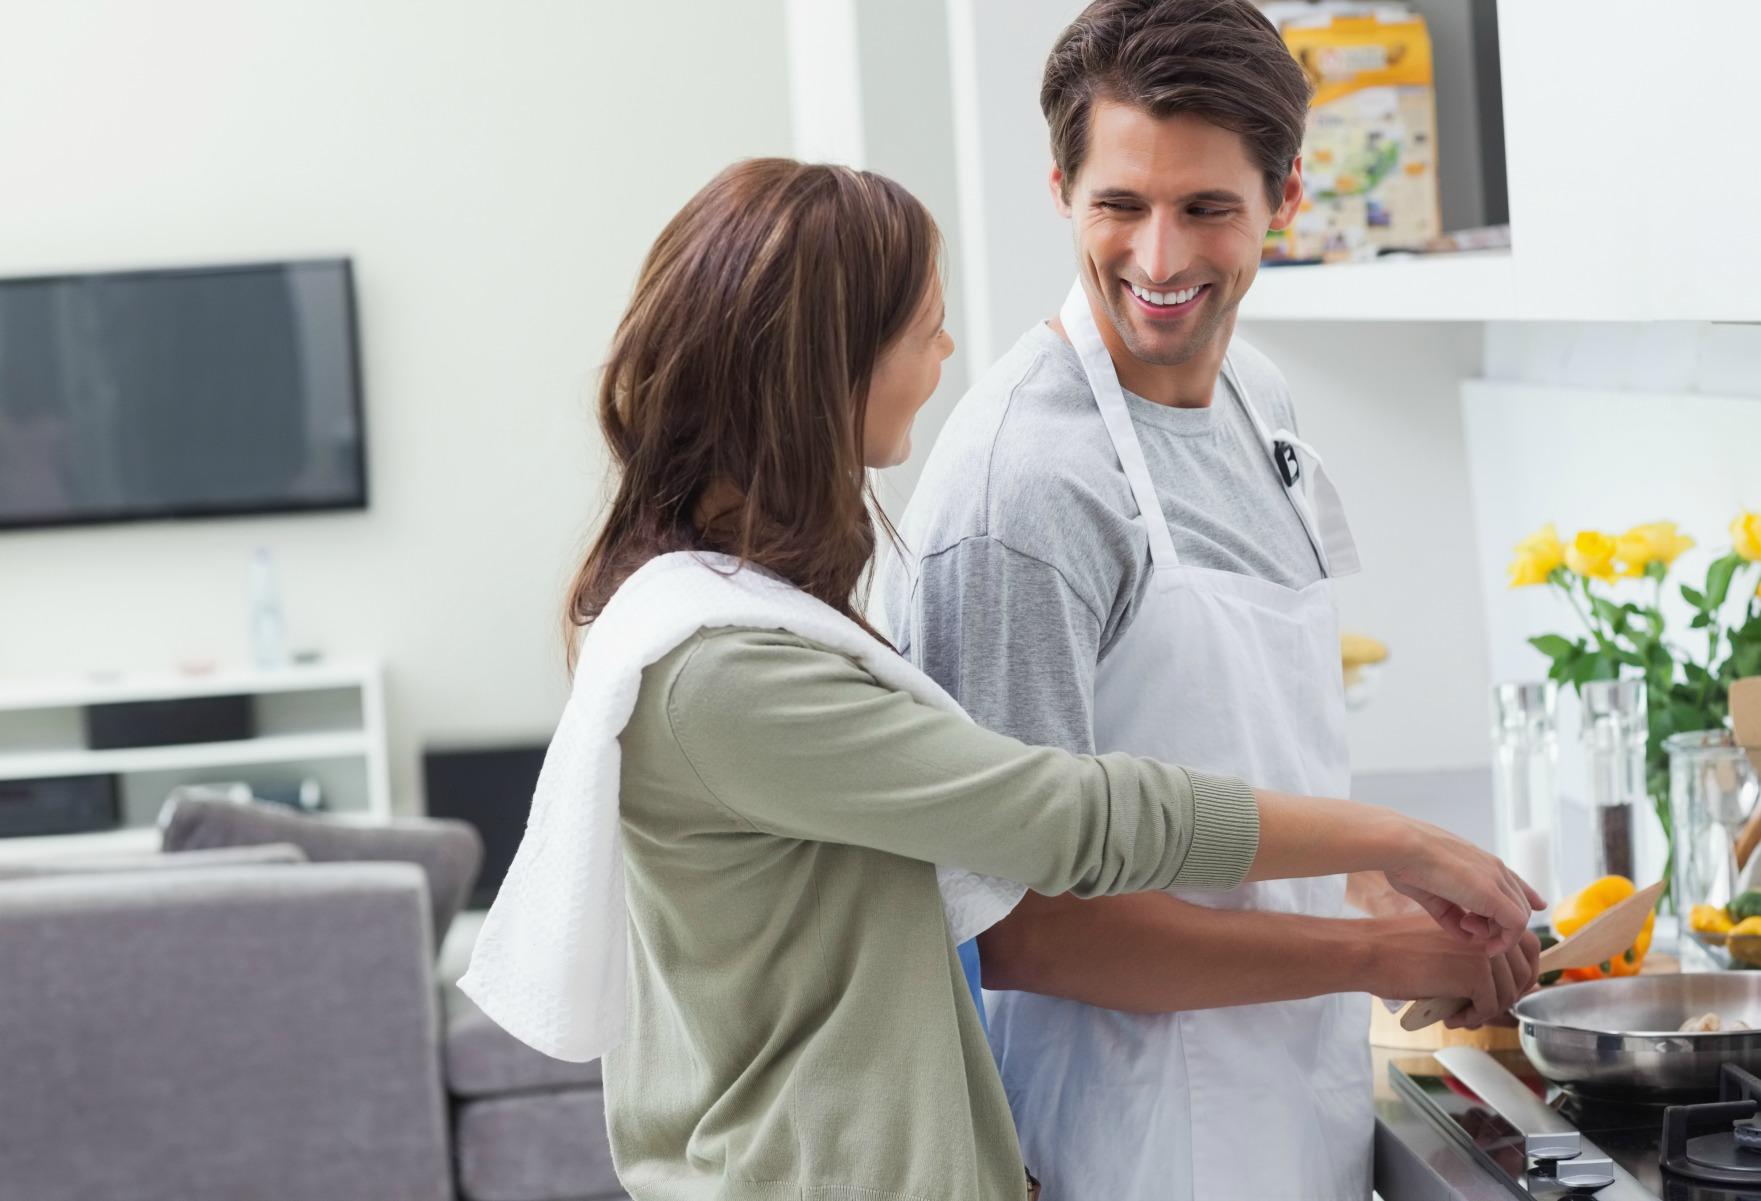 par, madlavning, forhold, mad, kæreste, flytte sammen